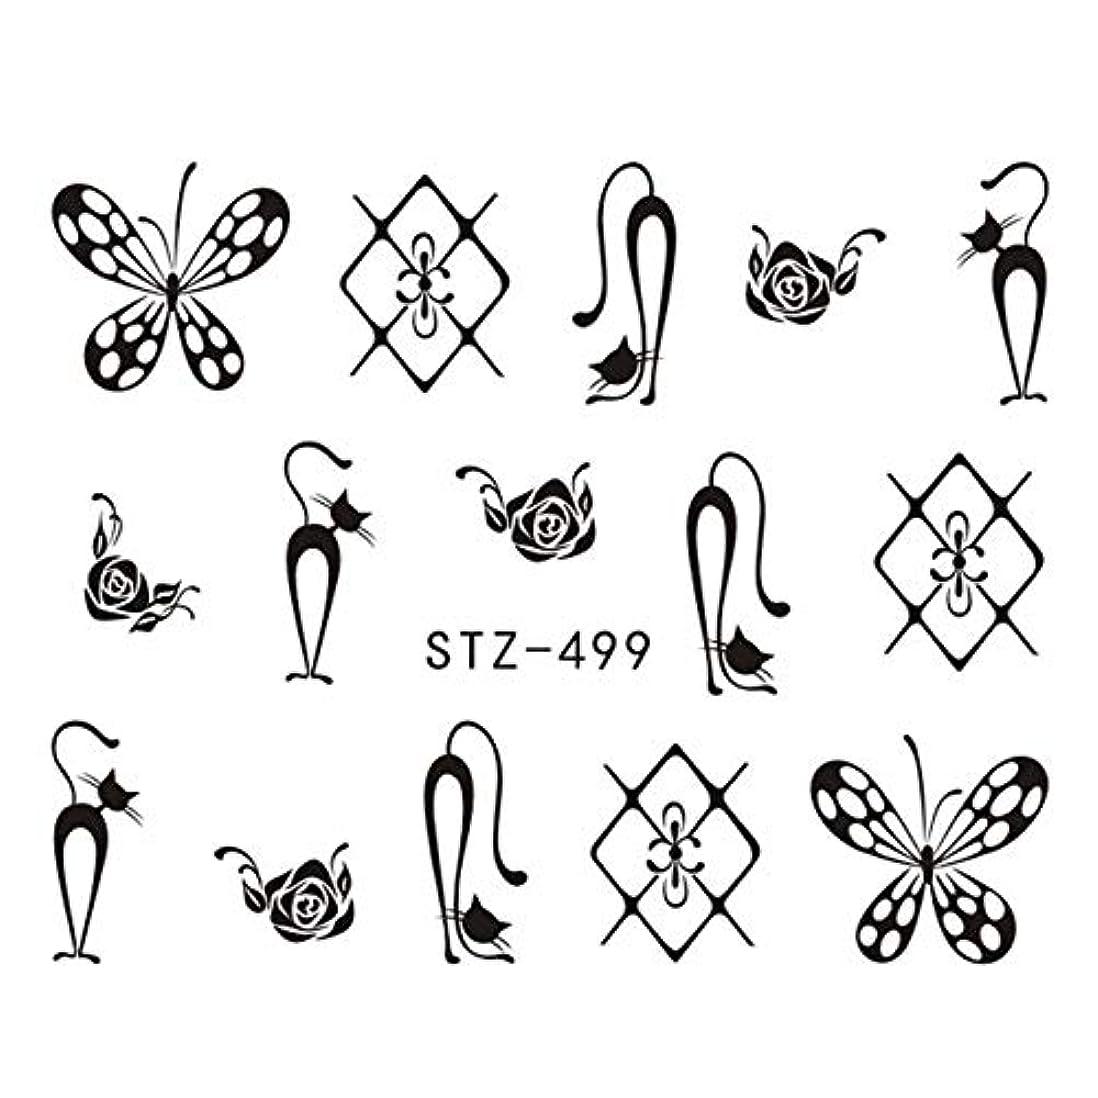 書士熟達毛布CELINEZL CELINEZL 3 PCS DIYファッション水転写アートデカールネイルステッカー(STZ500) (色 : STZ499)